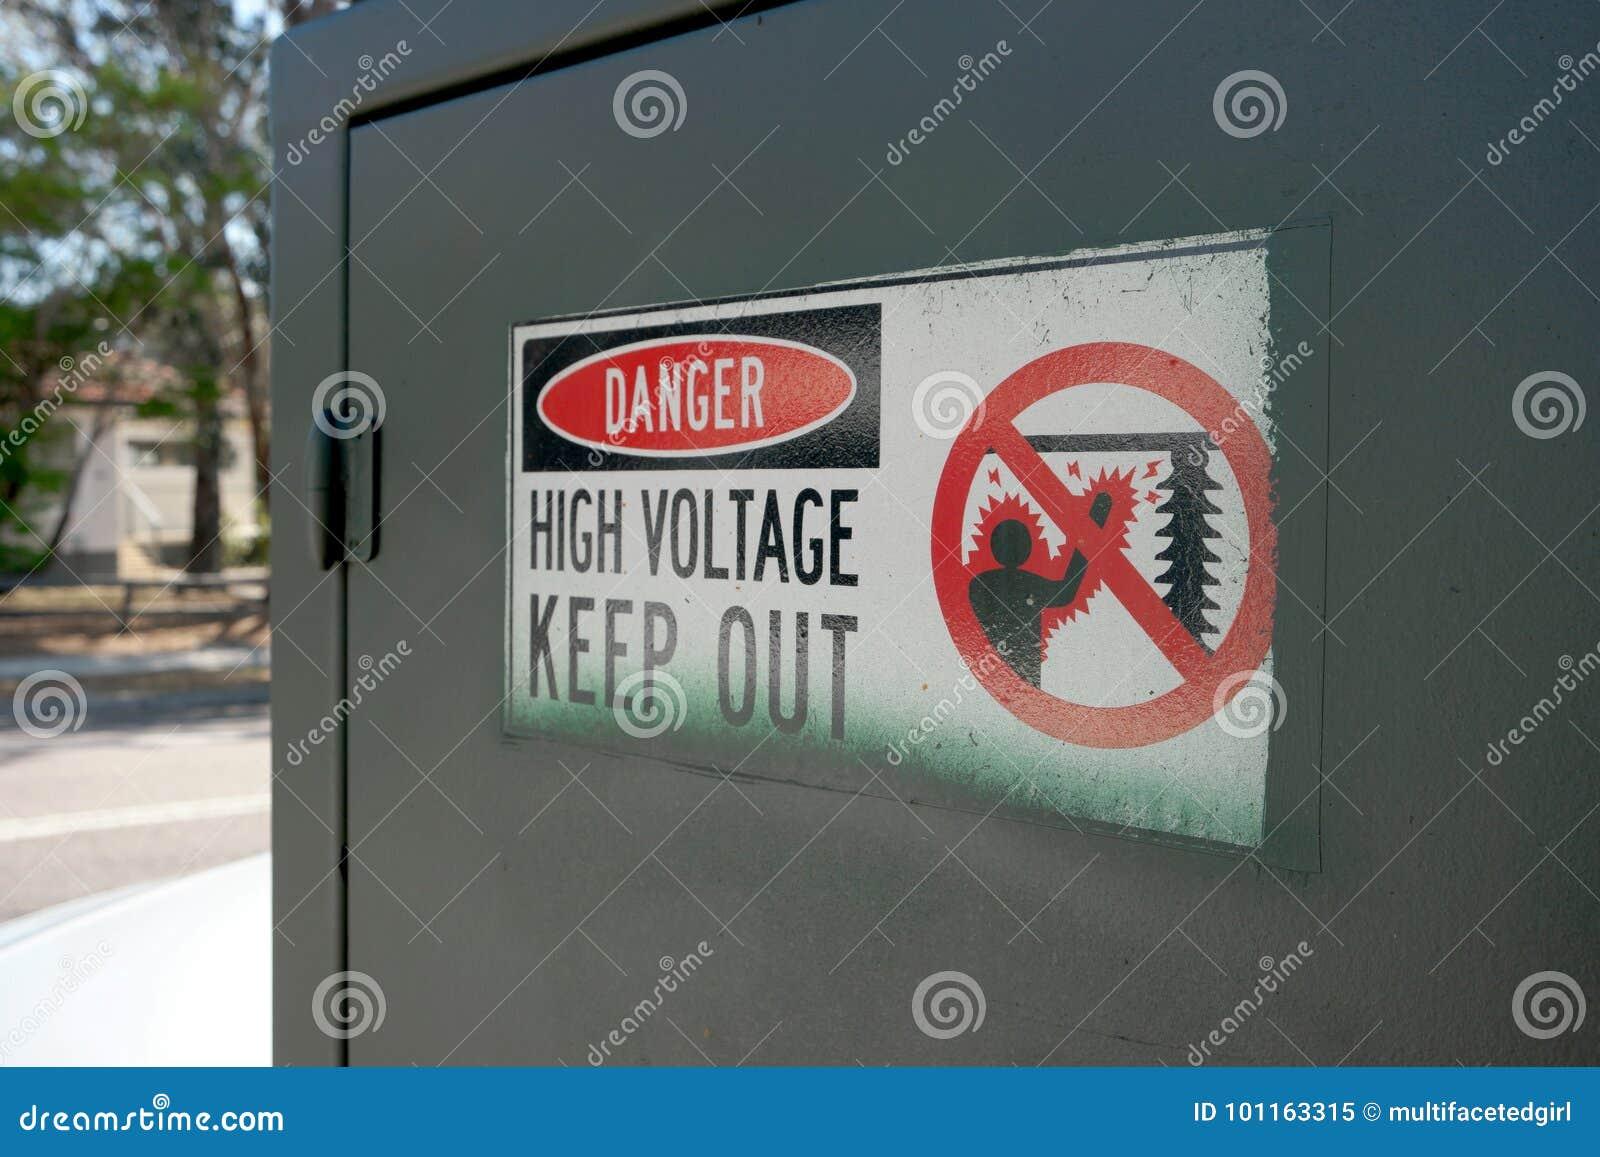 Danger high voltage sign stock image. Image of transformer - 101163315